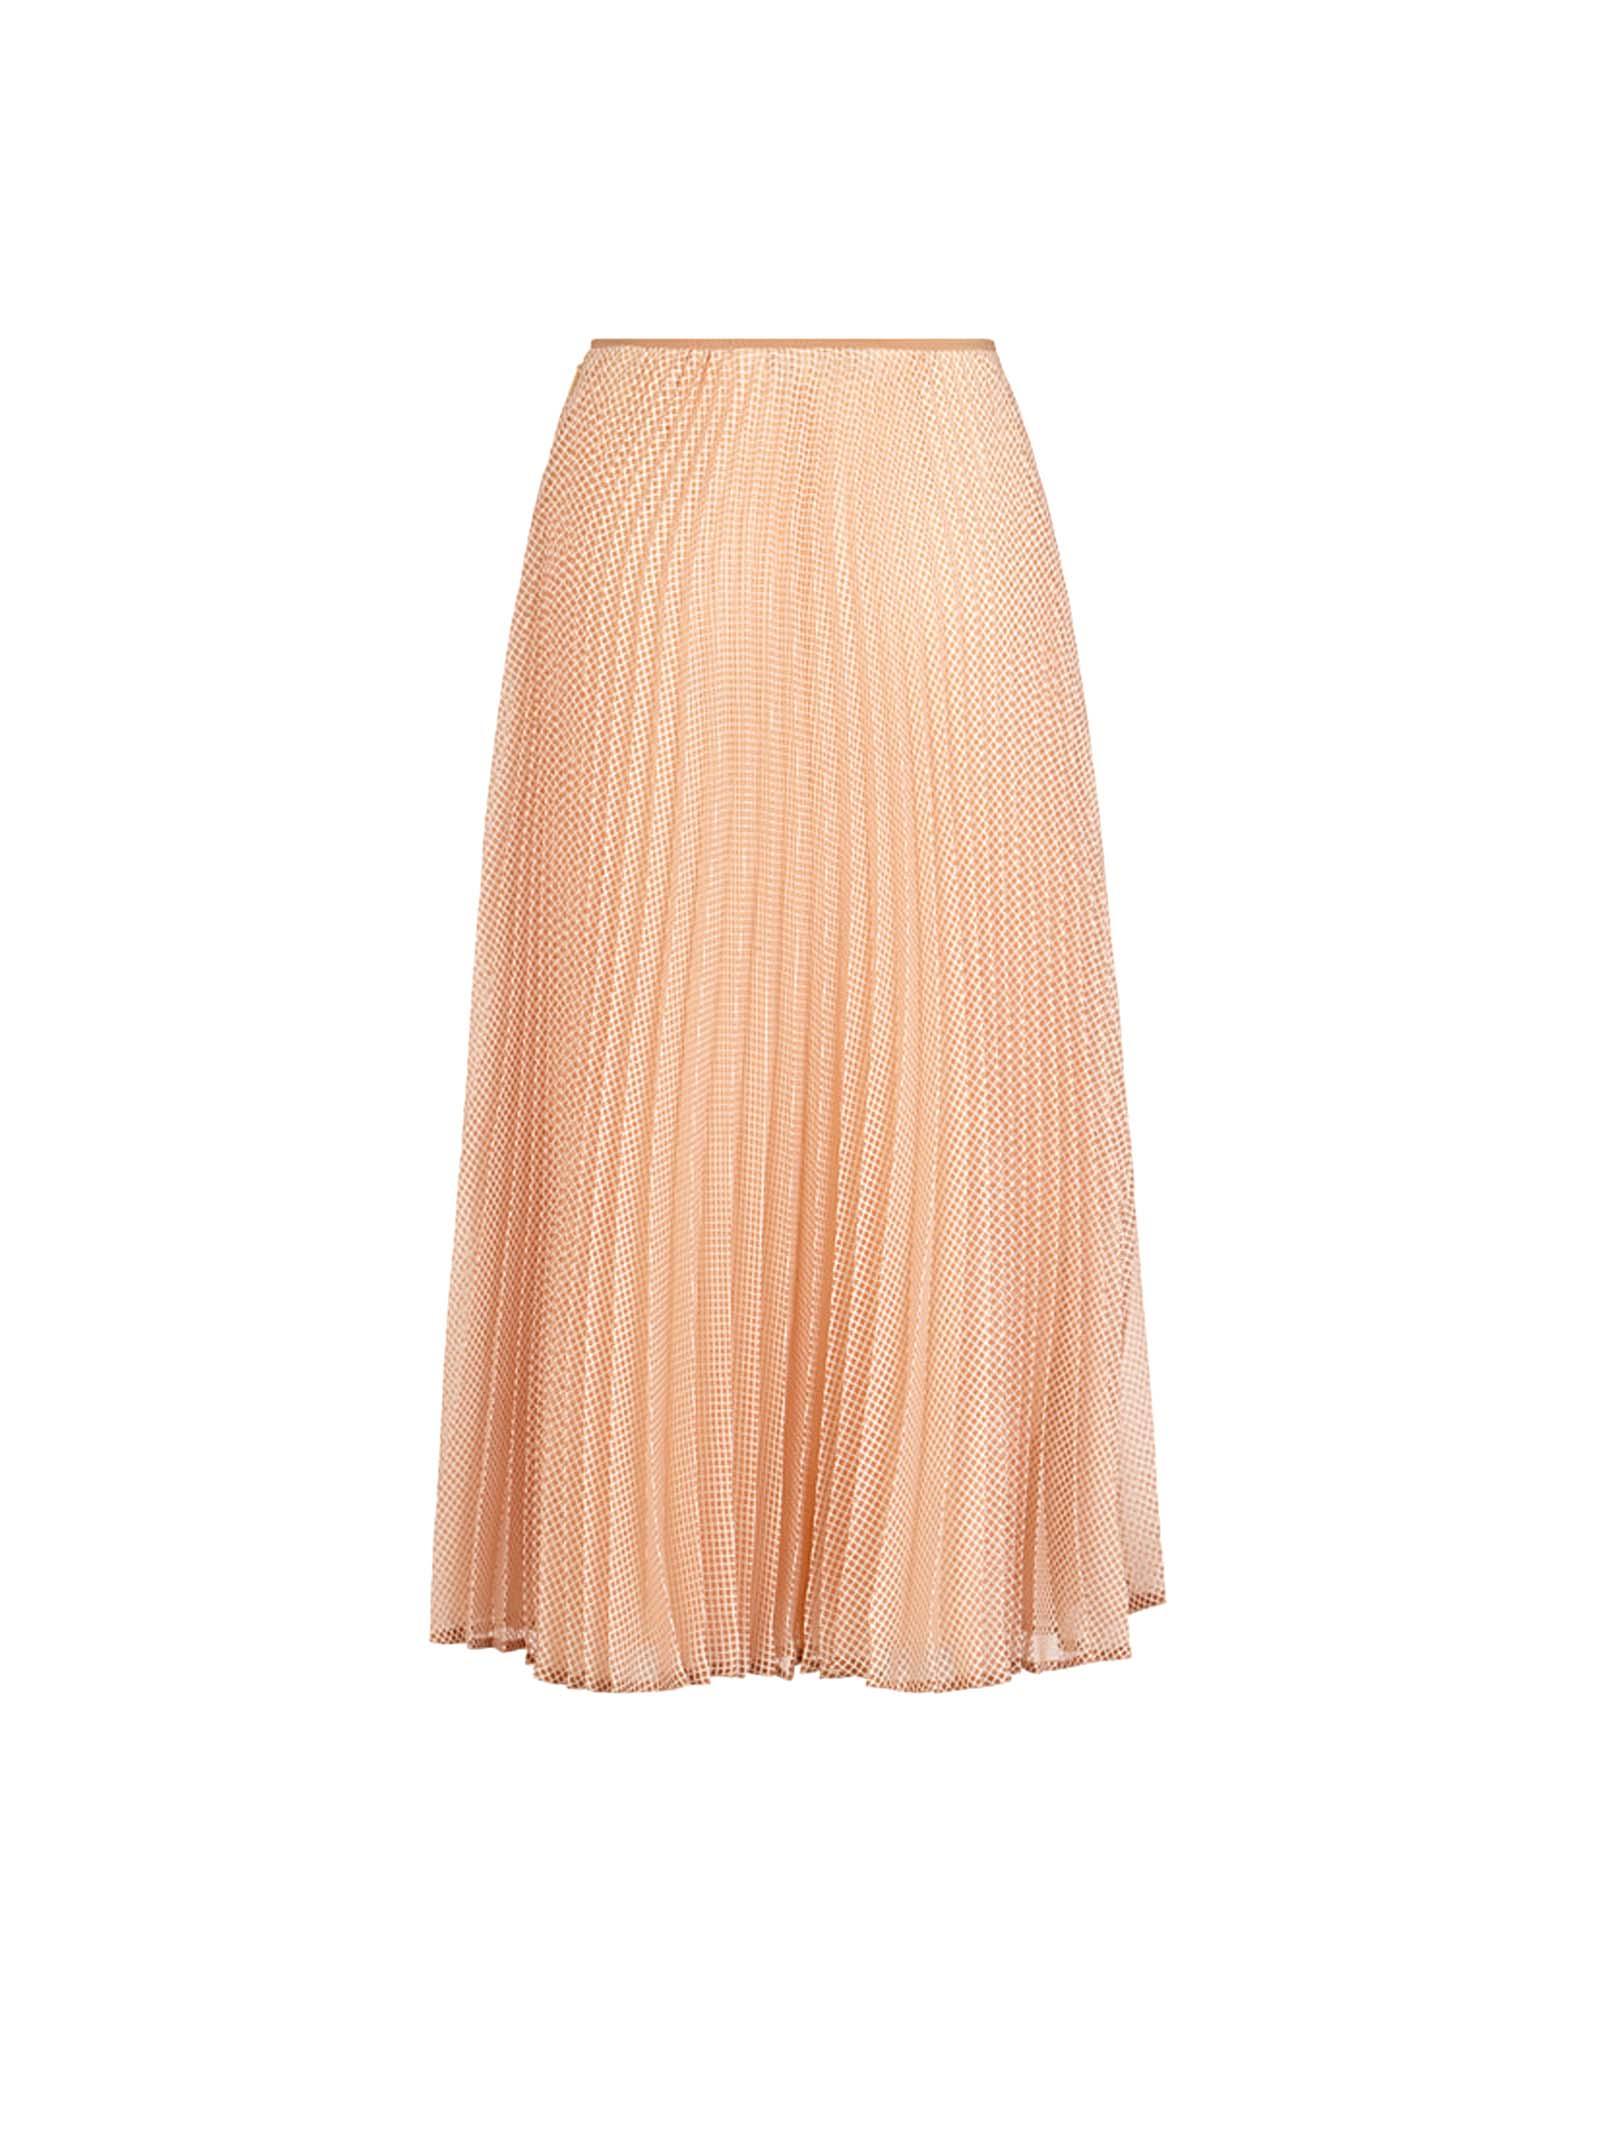 28f157eac1b6 Fendi Fendi Fendi Pleated Midi Skirt - Basic - 10926828